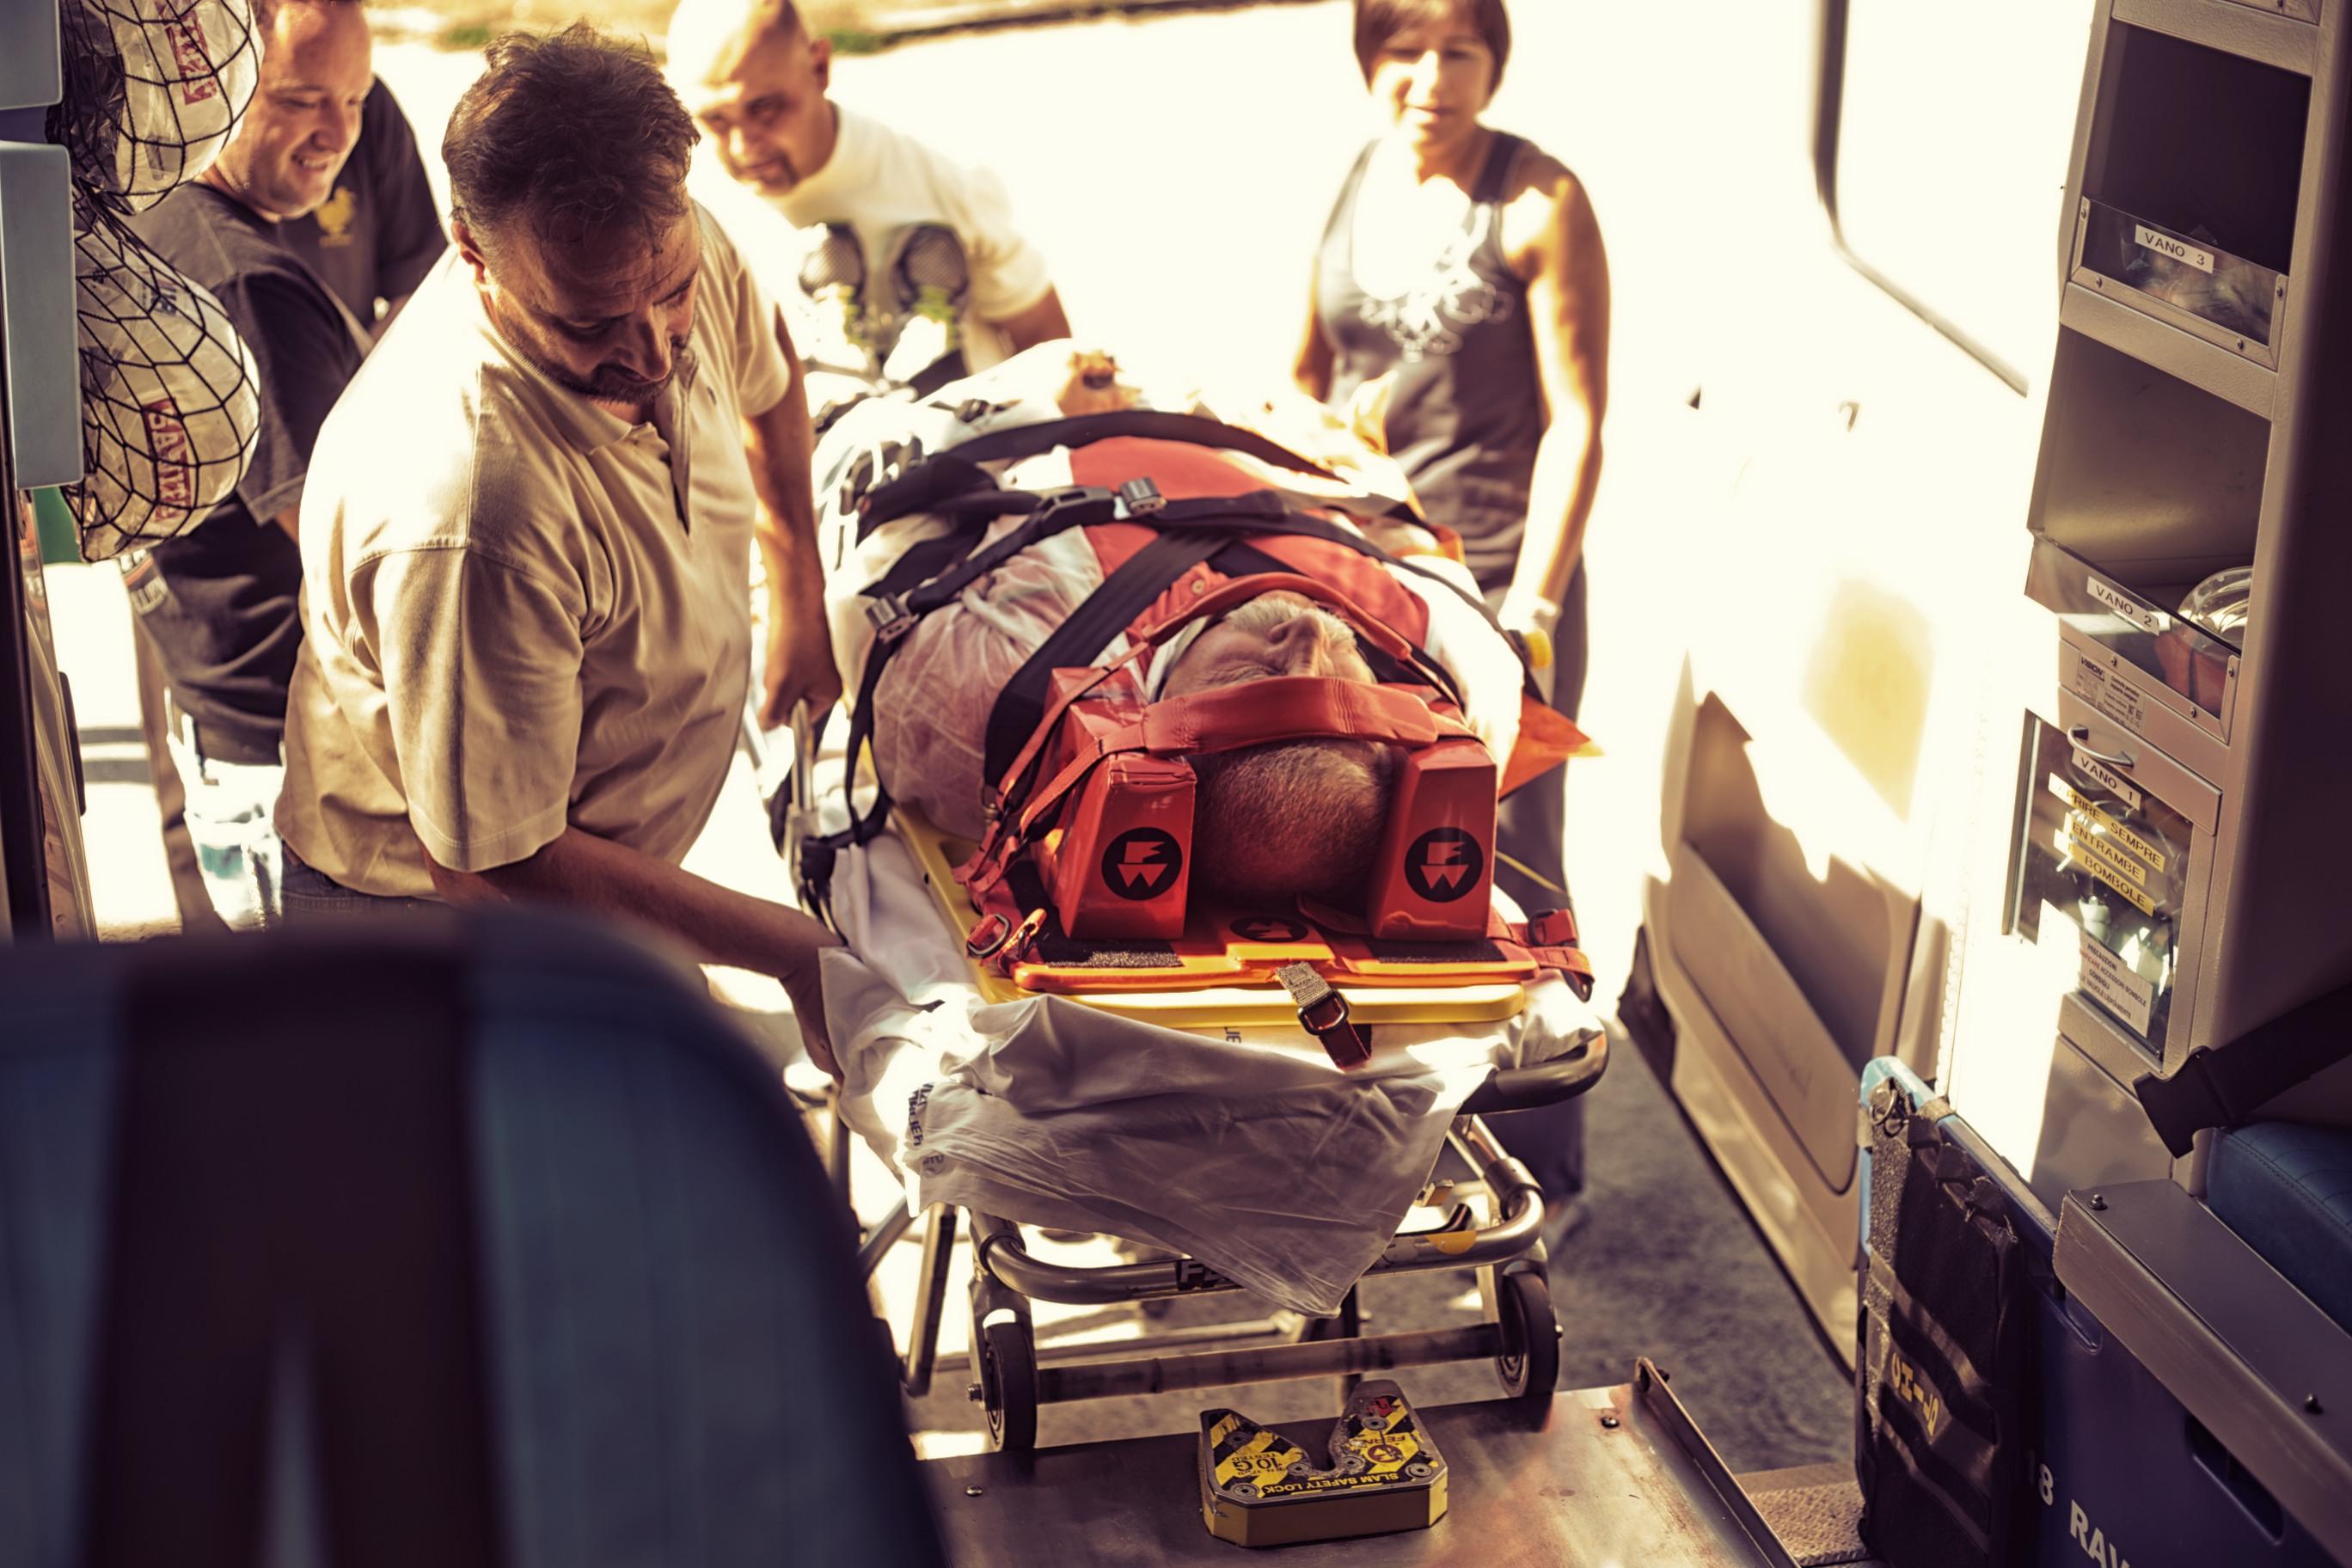 Esercitazione pratica paziente traumatizzato